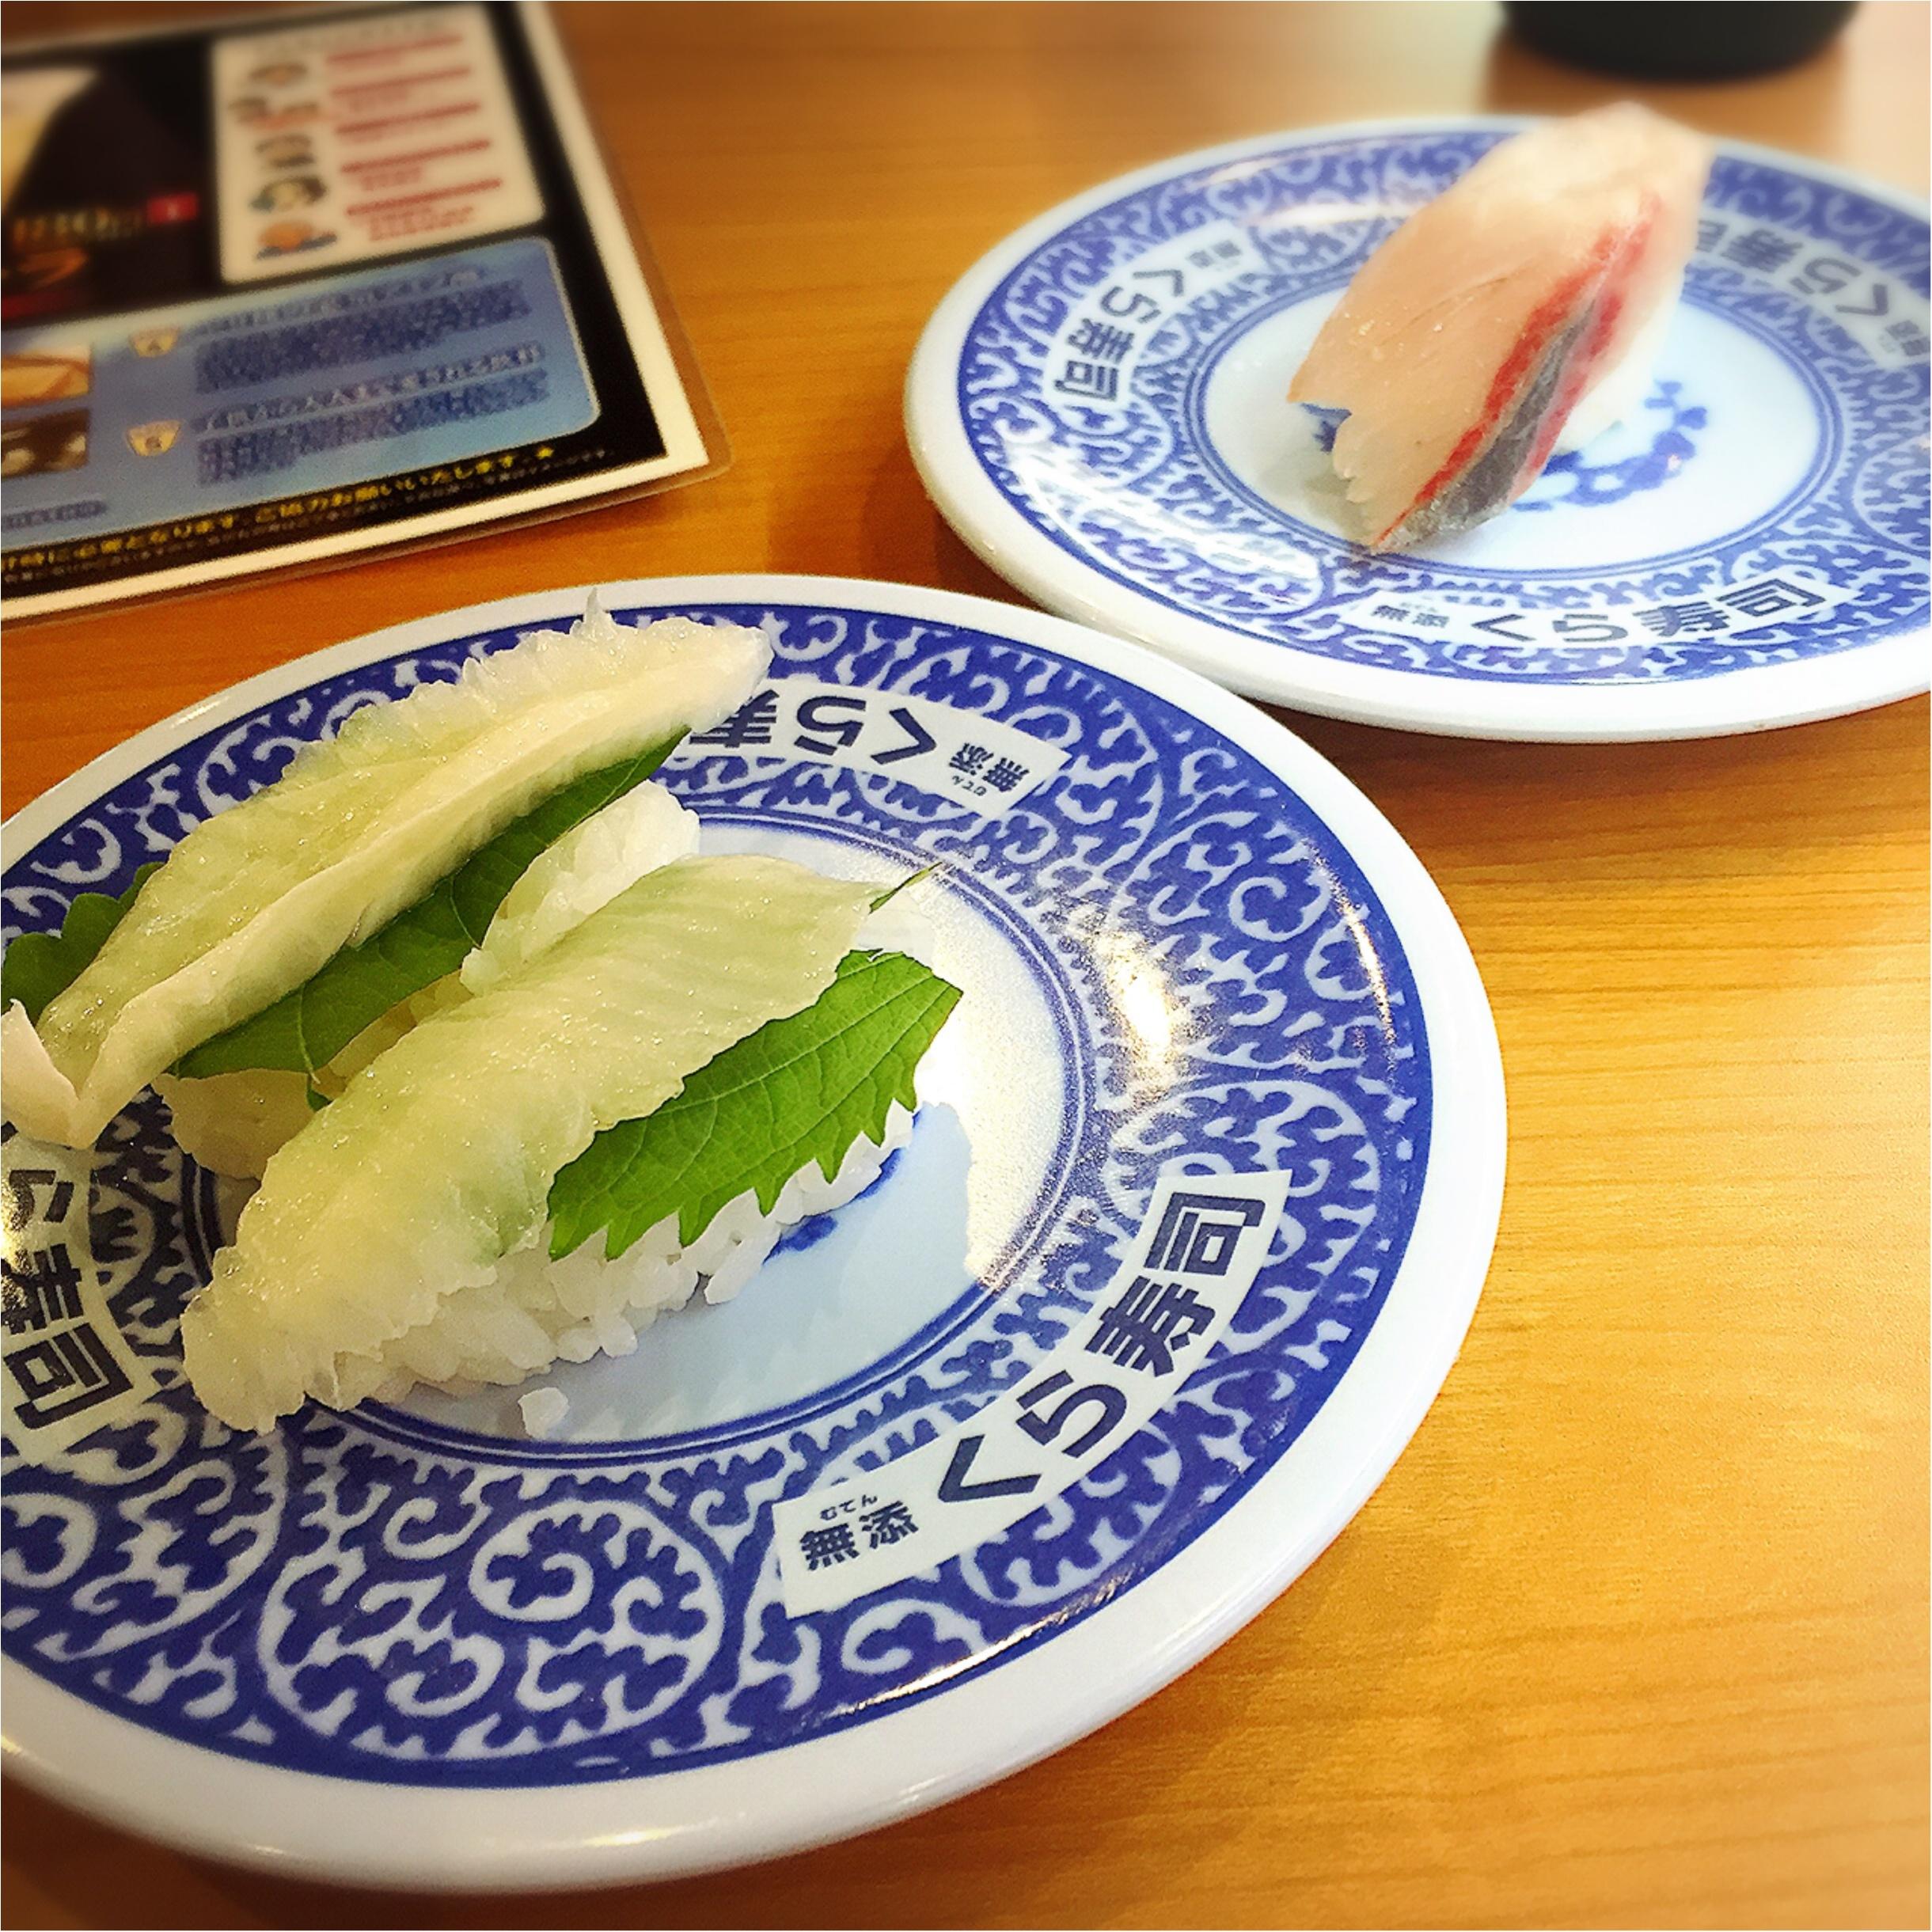 【7/29発売】世界初!?くら寿司の《シャリコーラ》と《シャリカレーパン》を実食❤︎_1